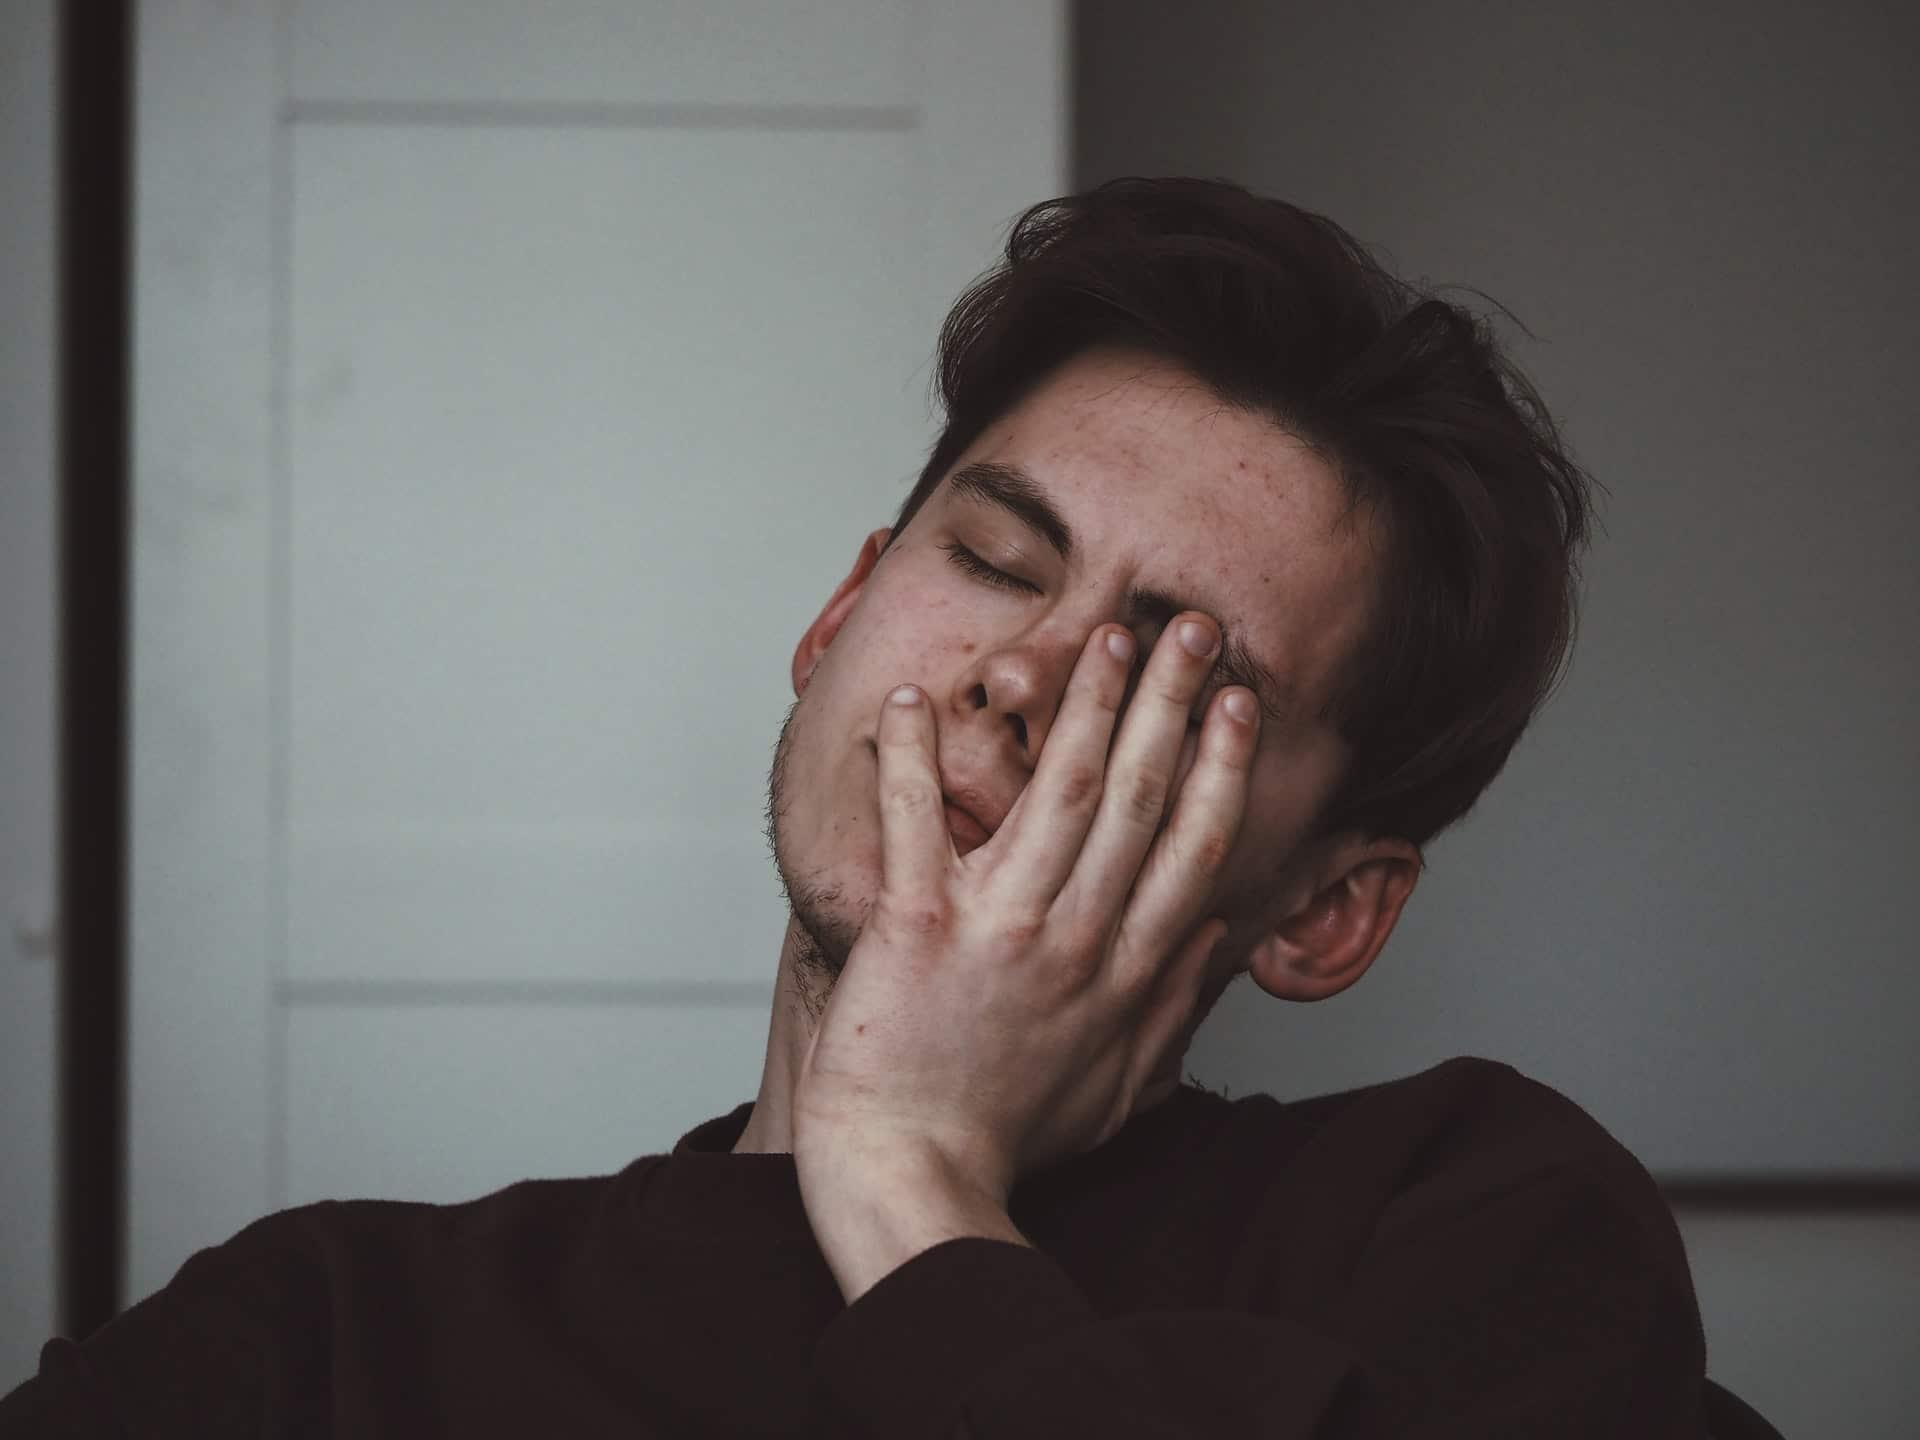 can hyperthyroid affect my sleep?